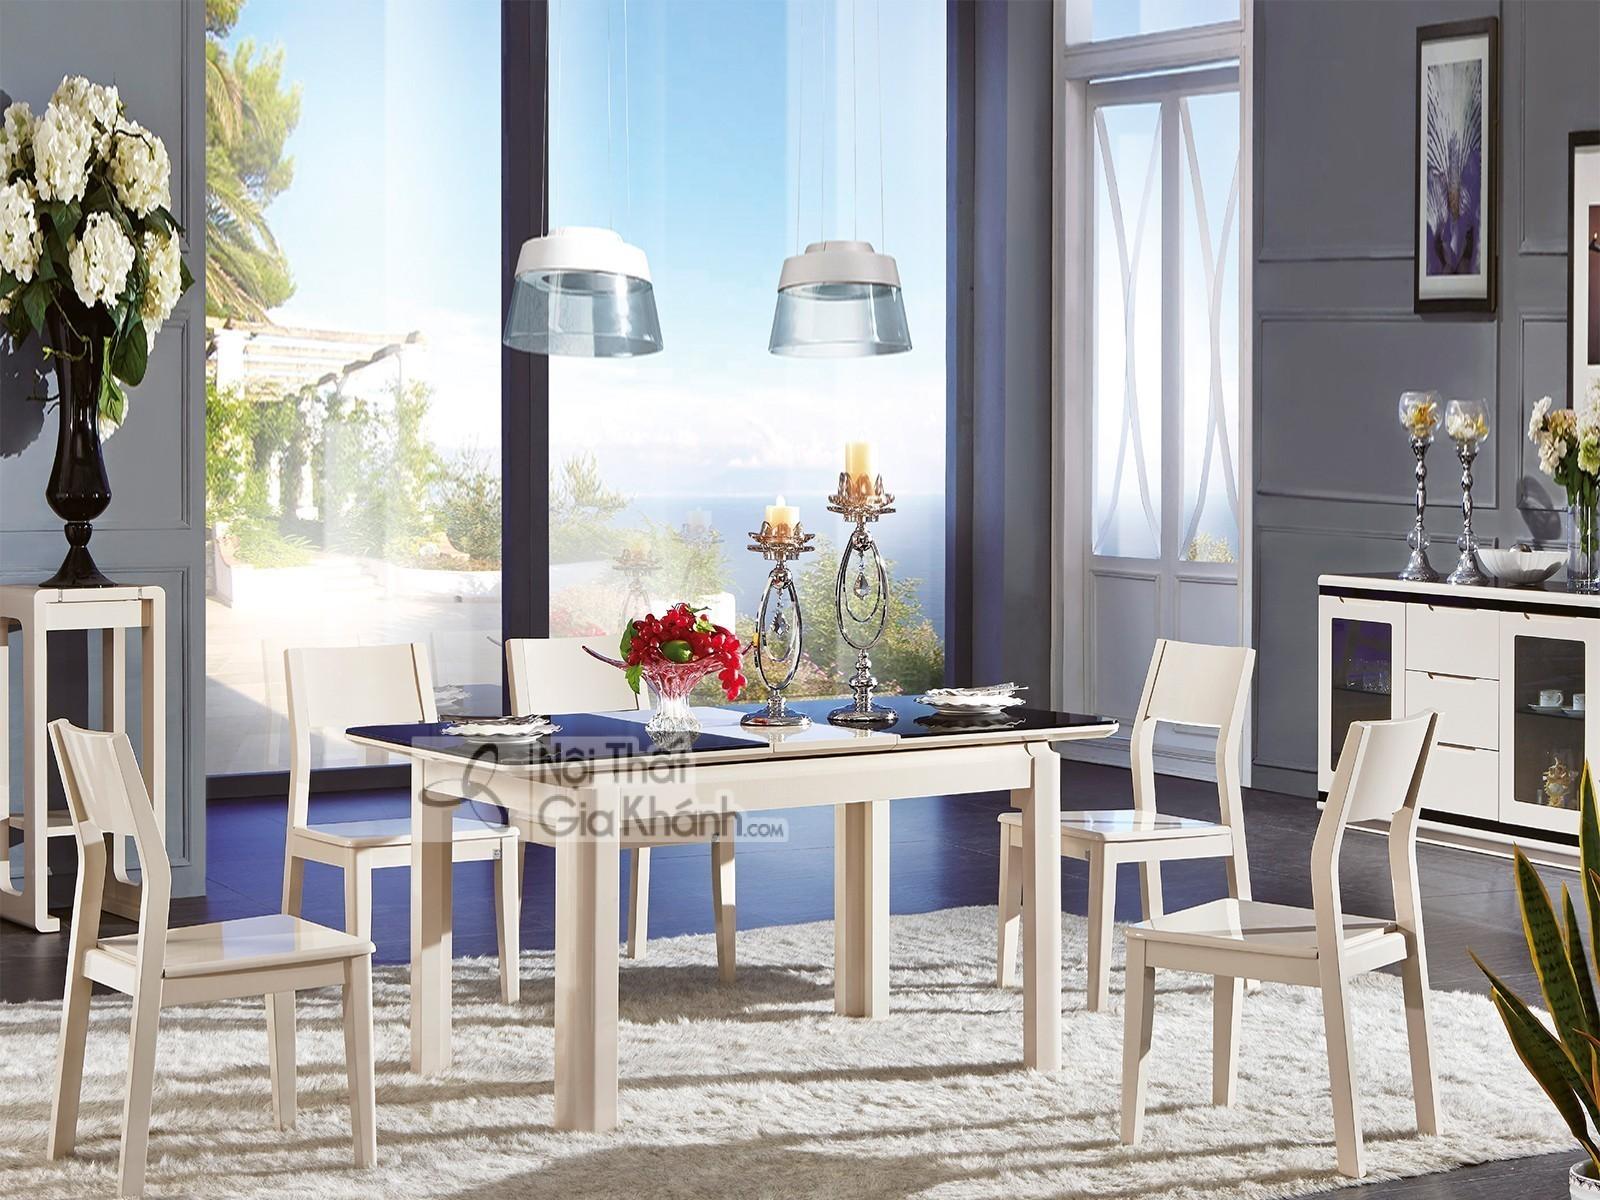 Bộ bàn ghế ăn thông minh hiện đại PA3309